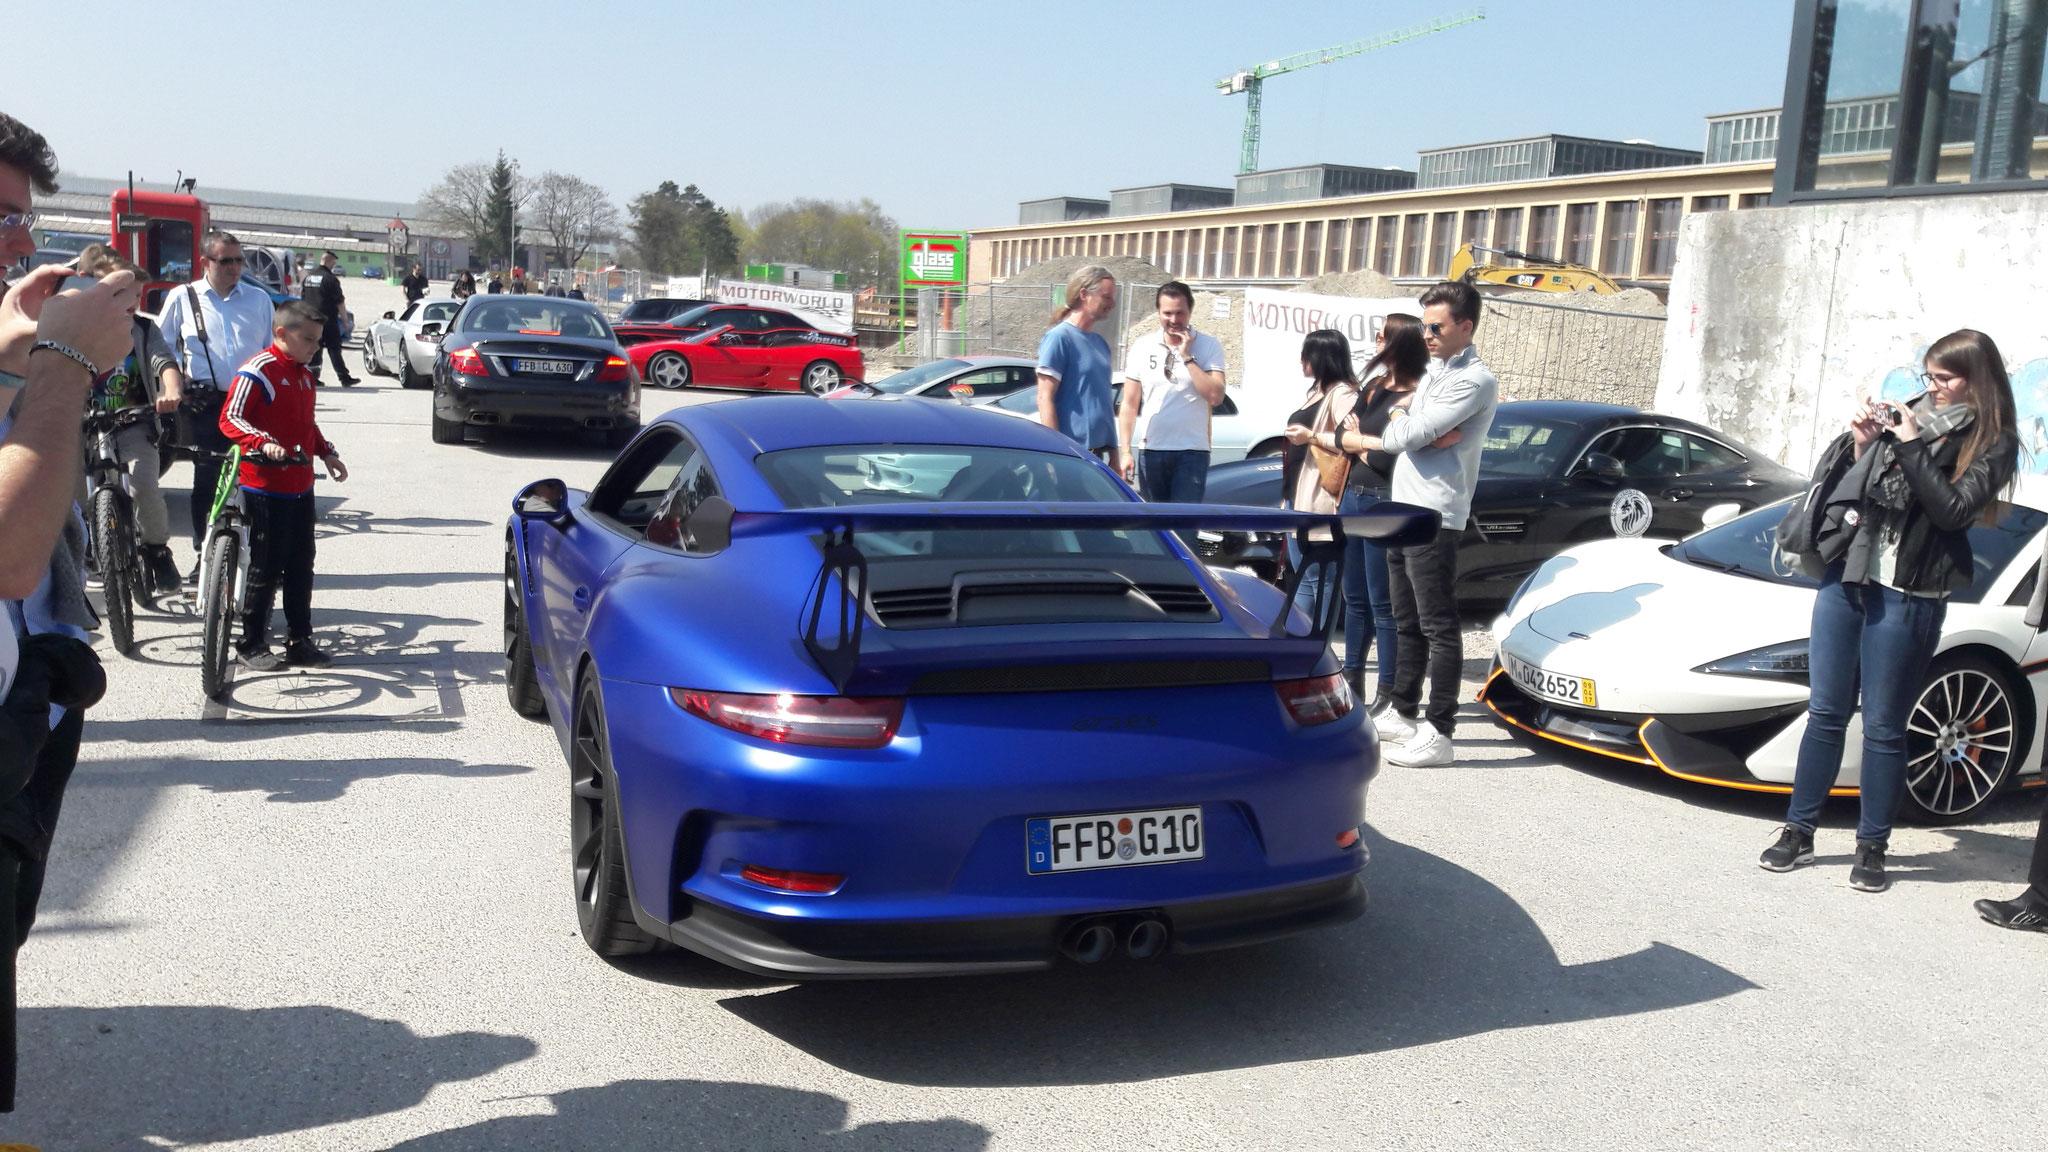 Porsche 911 GT3 RS - FFB-G-10